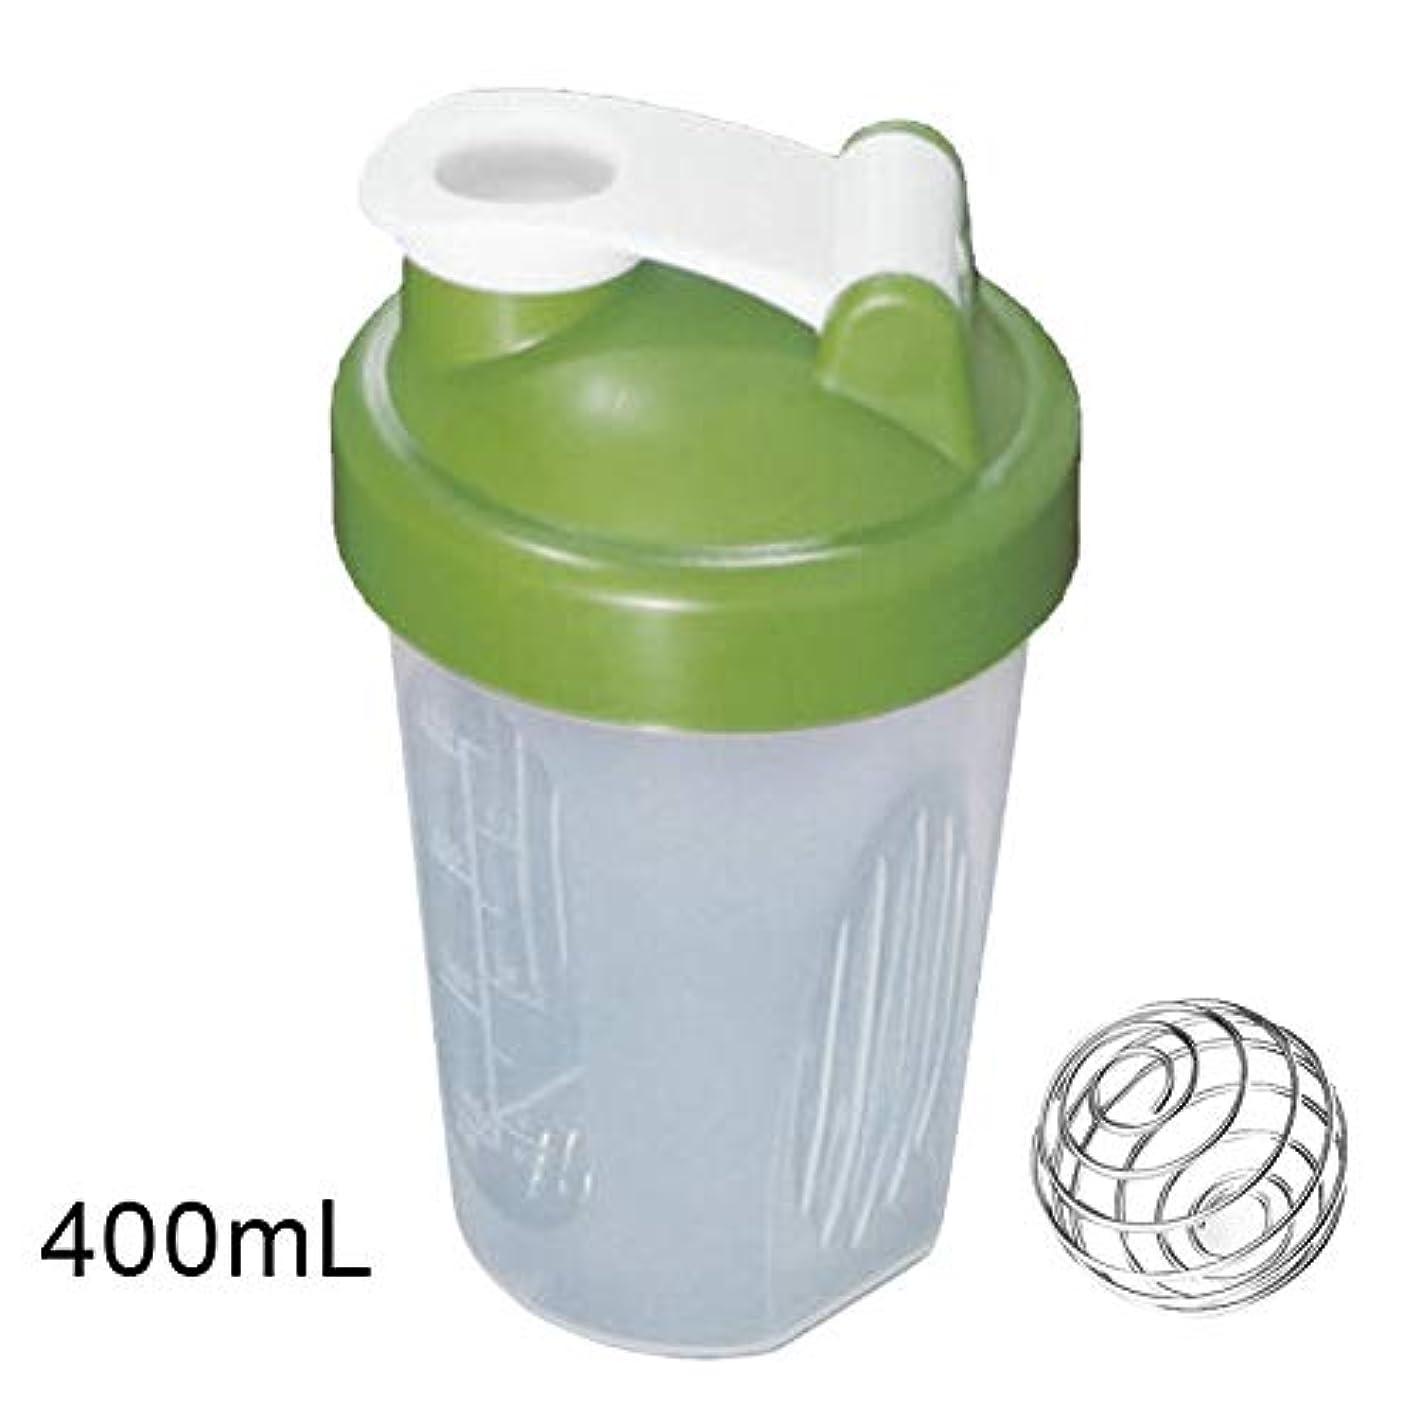 規範飽和するシャンプーARTYGYD 400 / 600ml蛋白質の粉の混合のコップは感動的な球が付いている漏出防止の振動ボトルを密封しました